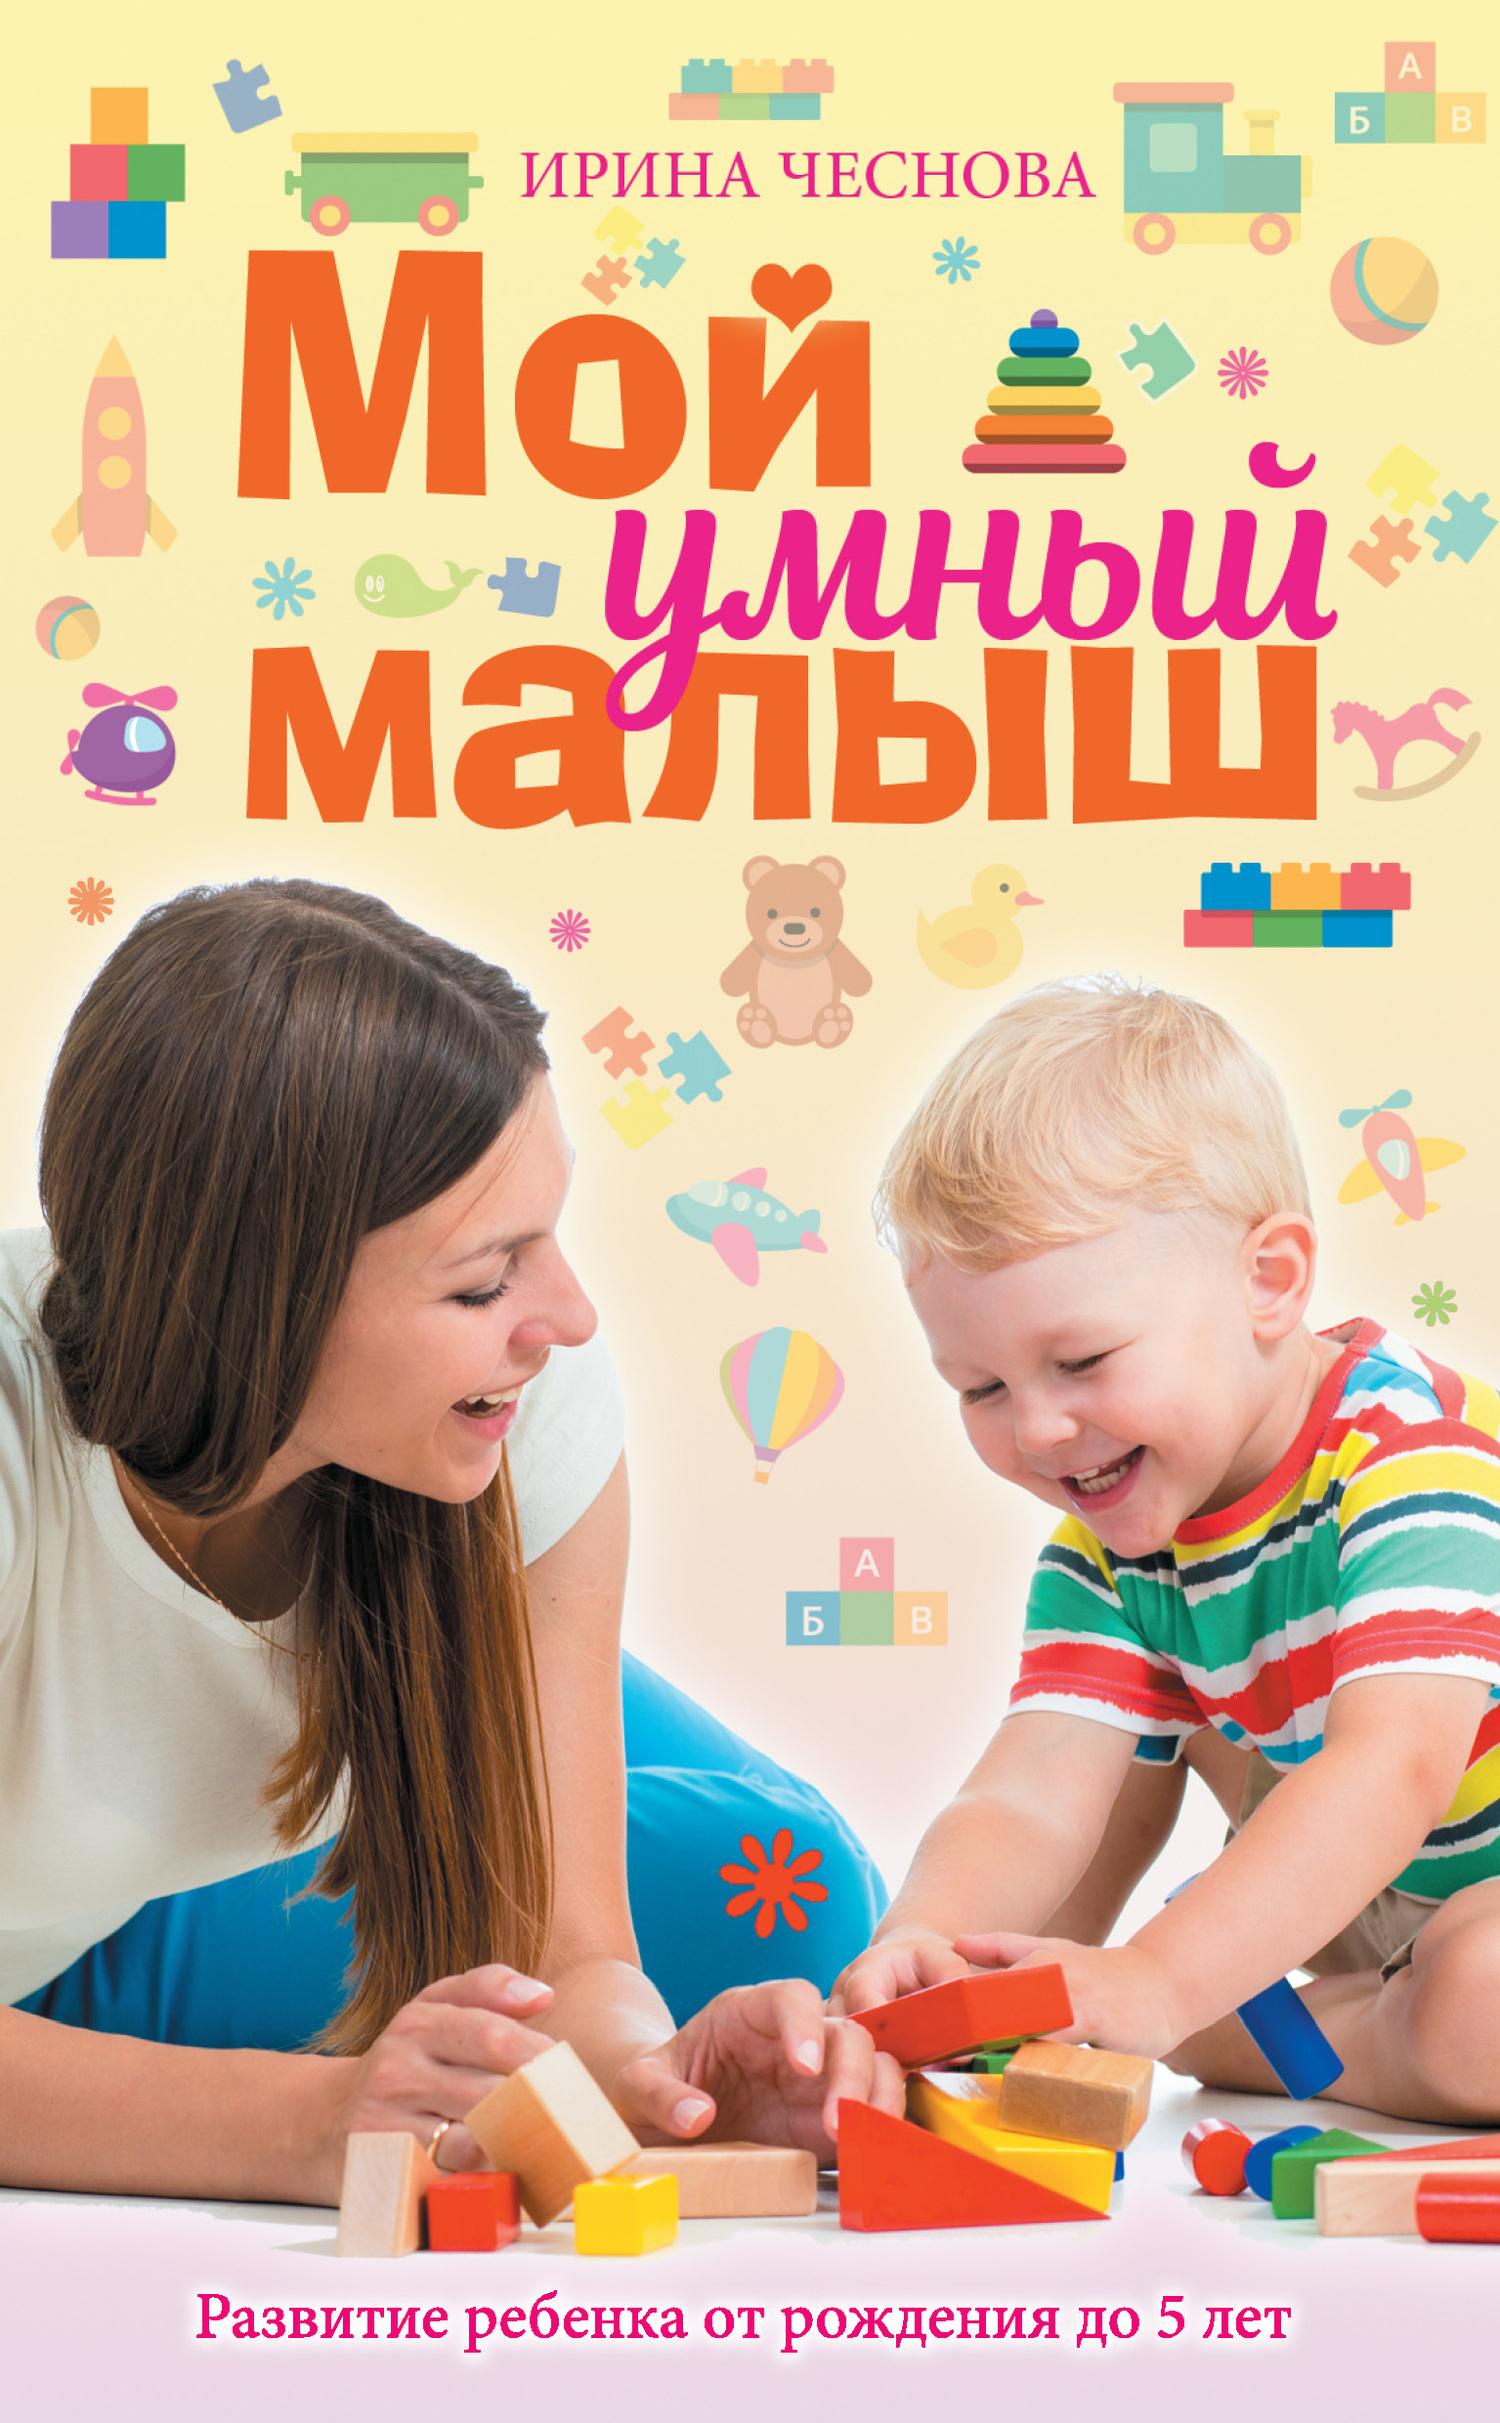 Ирина Чеснова - Мой умный малыш. Развитие ребенка от рождения до пяти лет